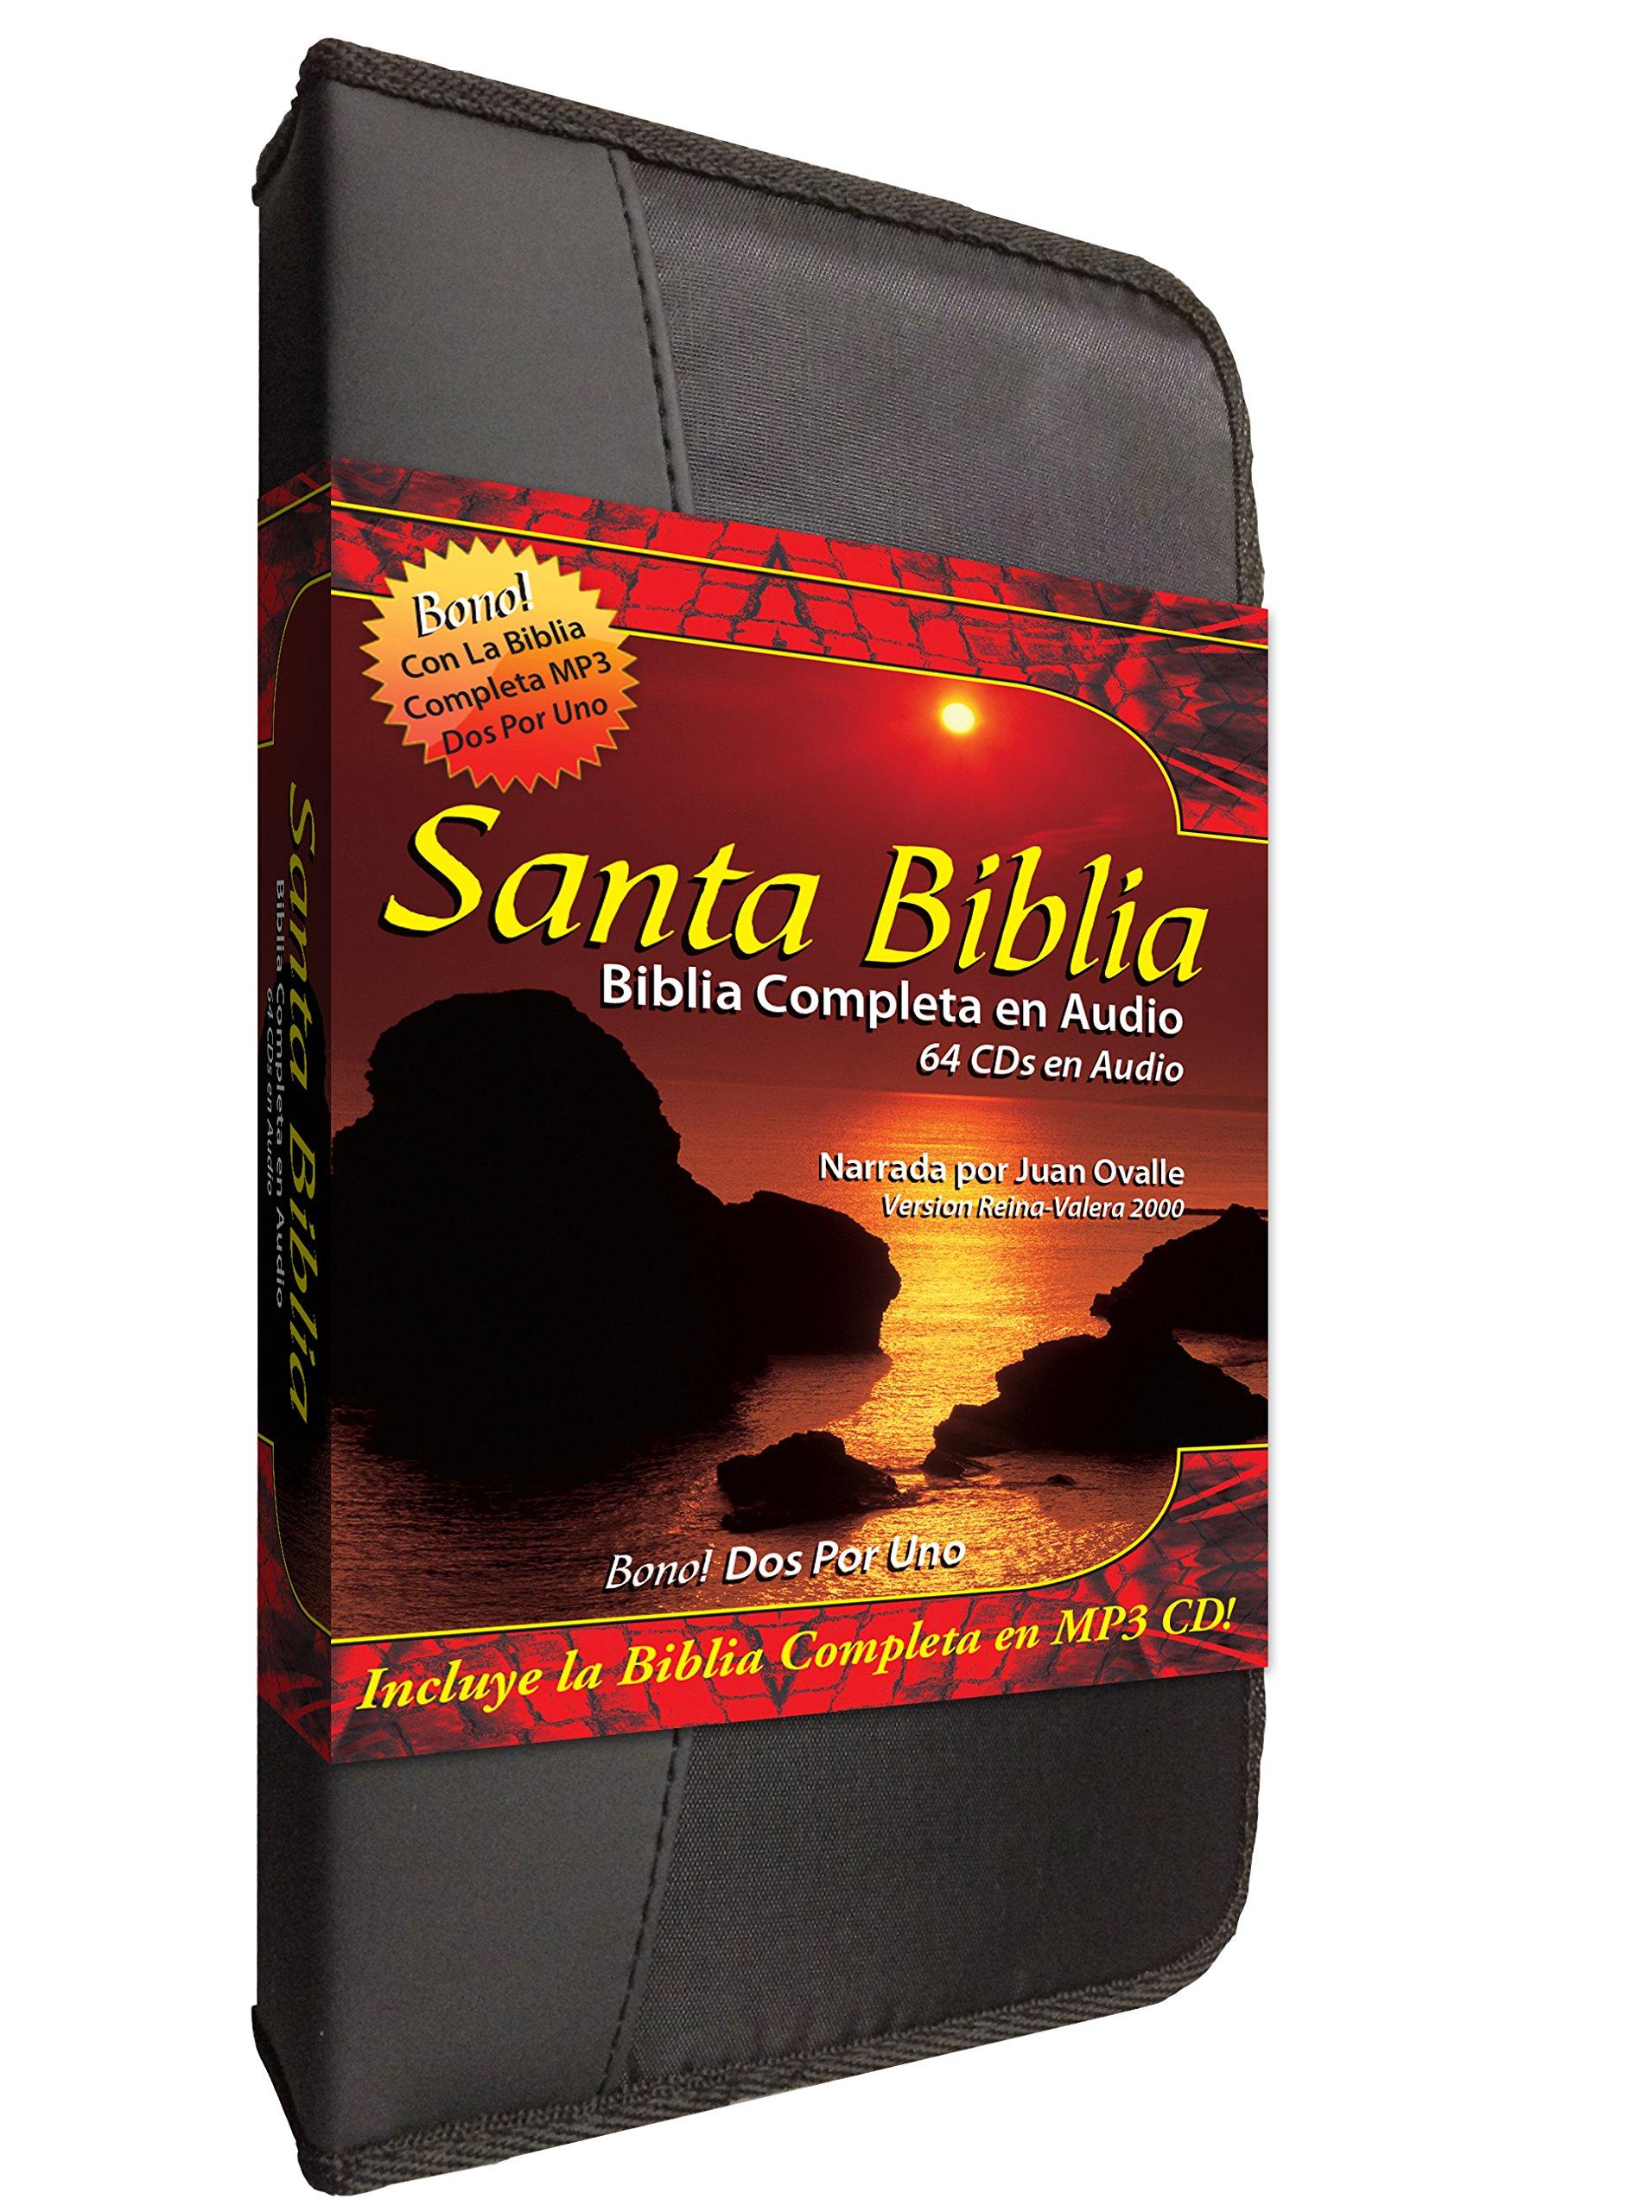 Santa Biblia Complete Reina Valera en 64 Audio CD Plus una Reina Valera 2000 Completa-Completa en MP3 Discs-Two Complete Biblias Español Reina Valera . ...